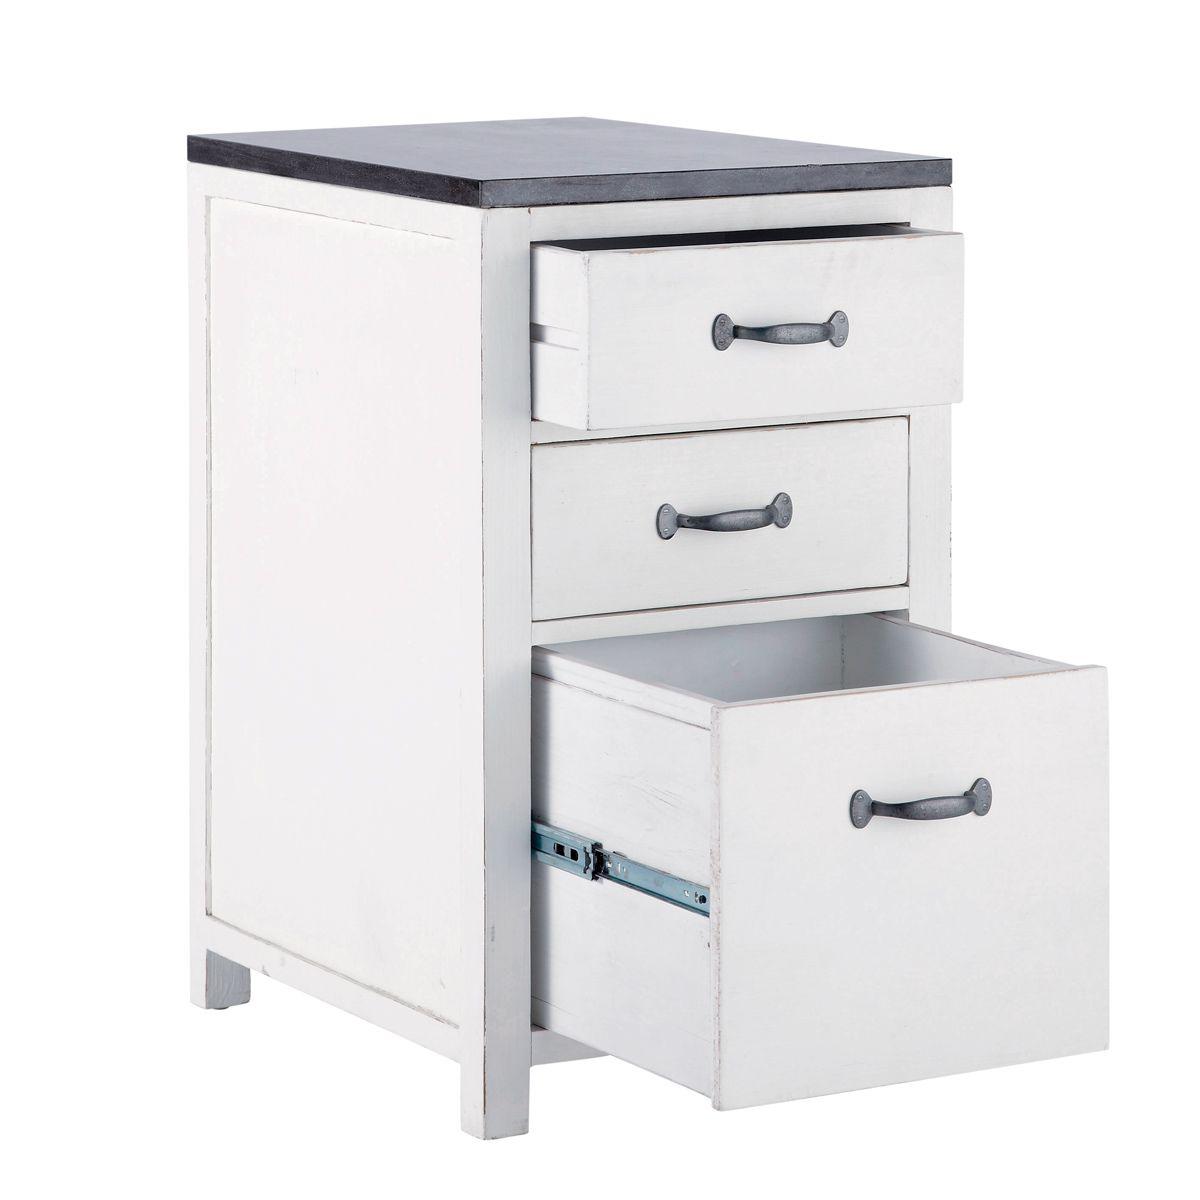 meuble bas de cuisine en bois recyclé blanc l 50 cm ostende | bord